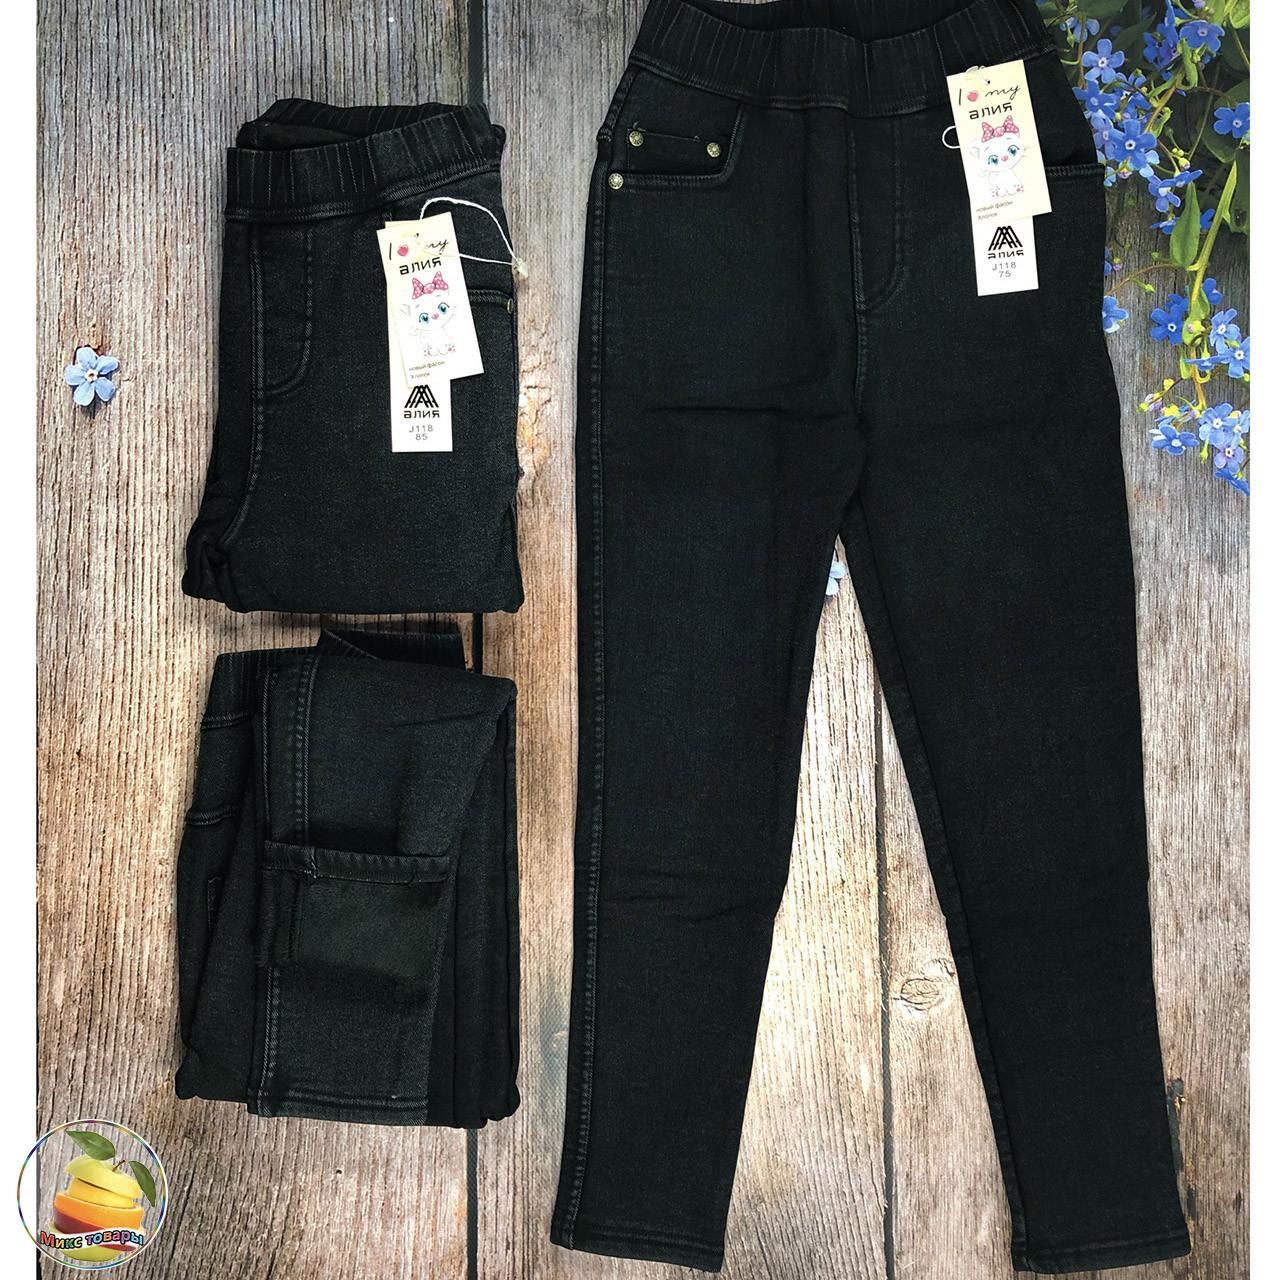 Чорні джинси на флісі для дівчинки Розміри: 7-8,8-9,9-10 років (21115-1)